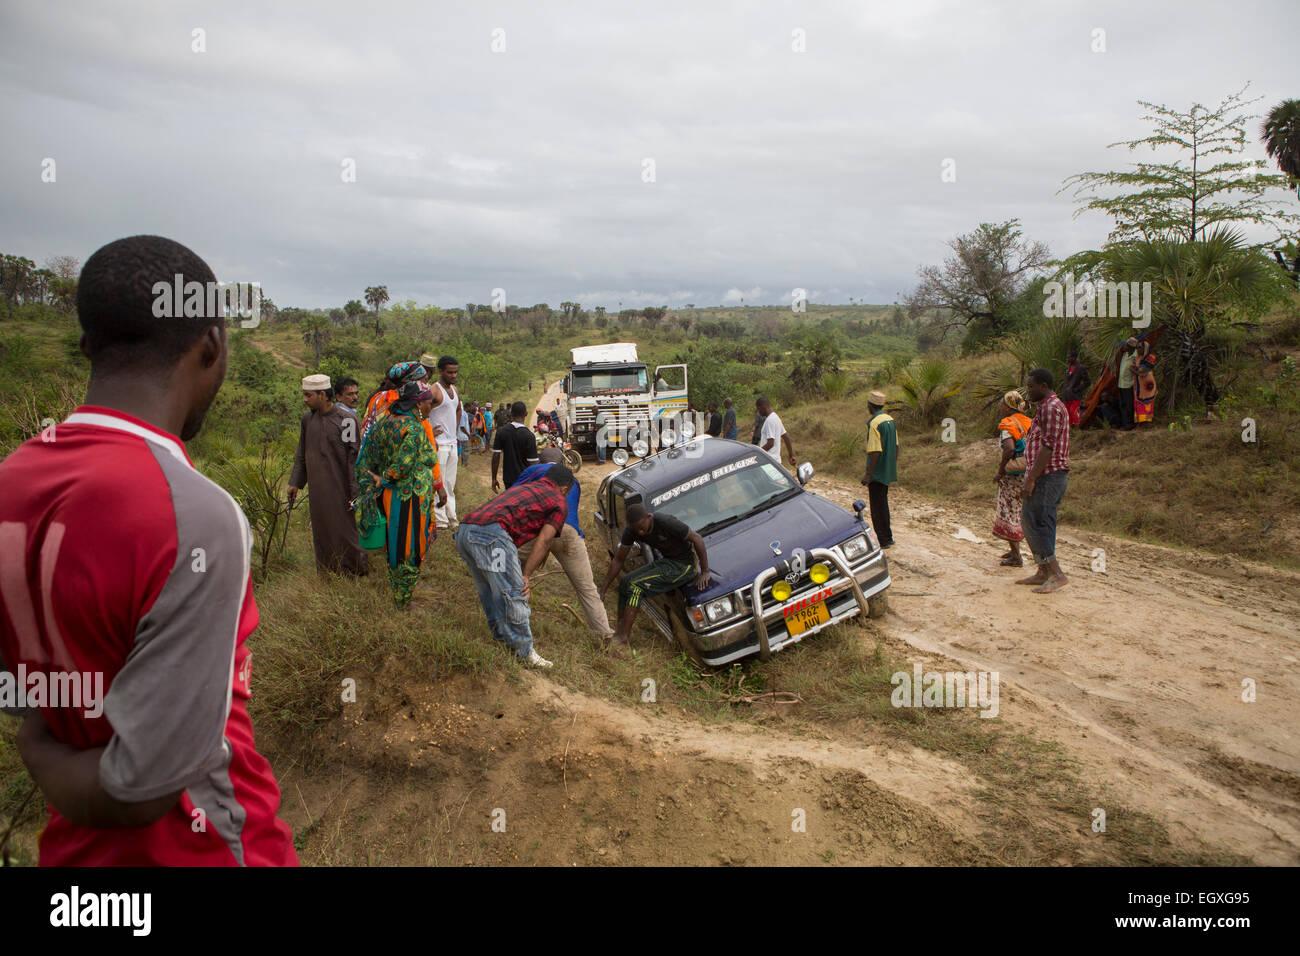 Mobilité des véhicules sur une route près de impénétrables à Tanga en Tanzanie, Afrique Photo Stock